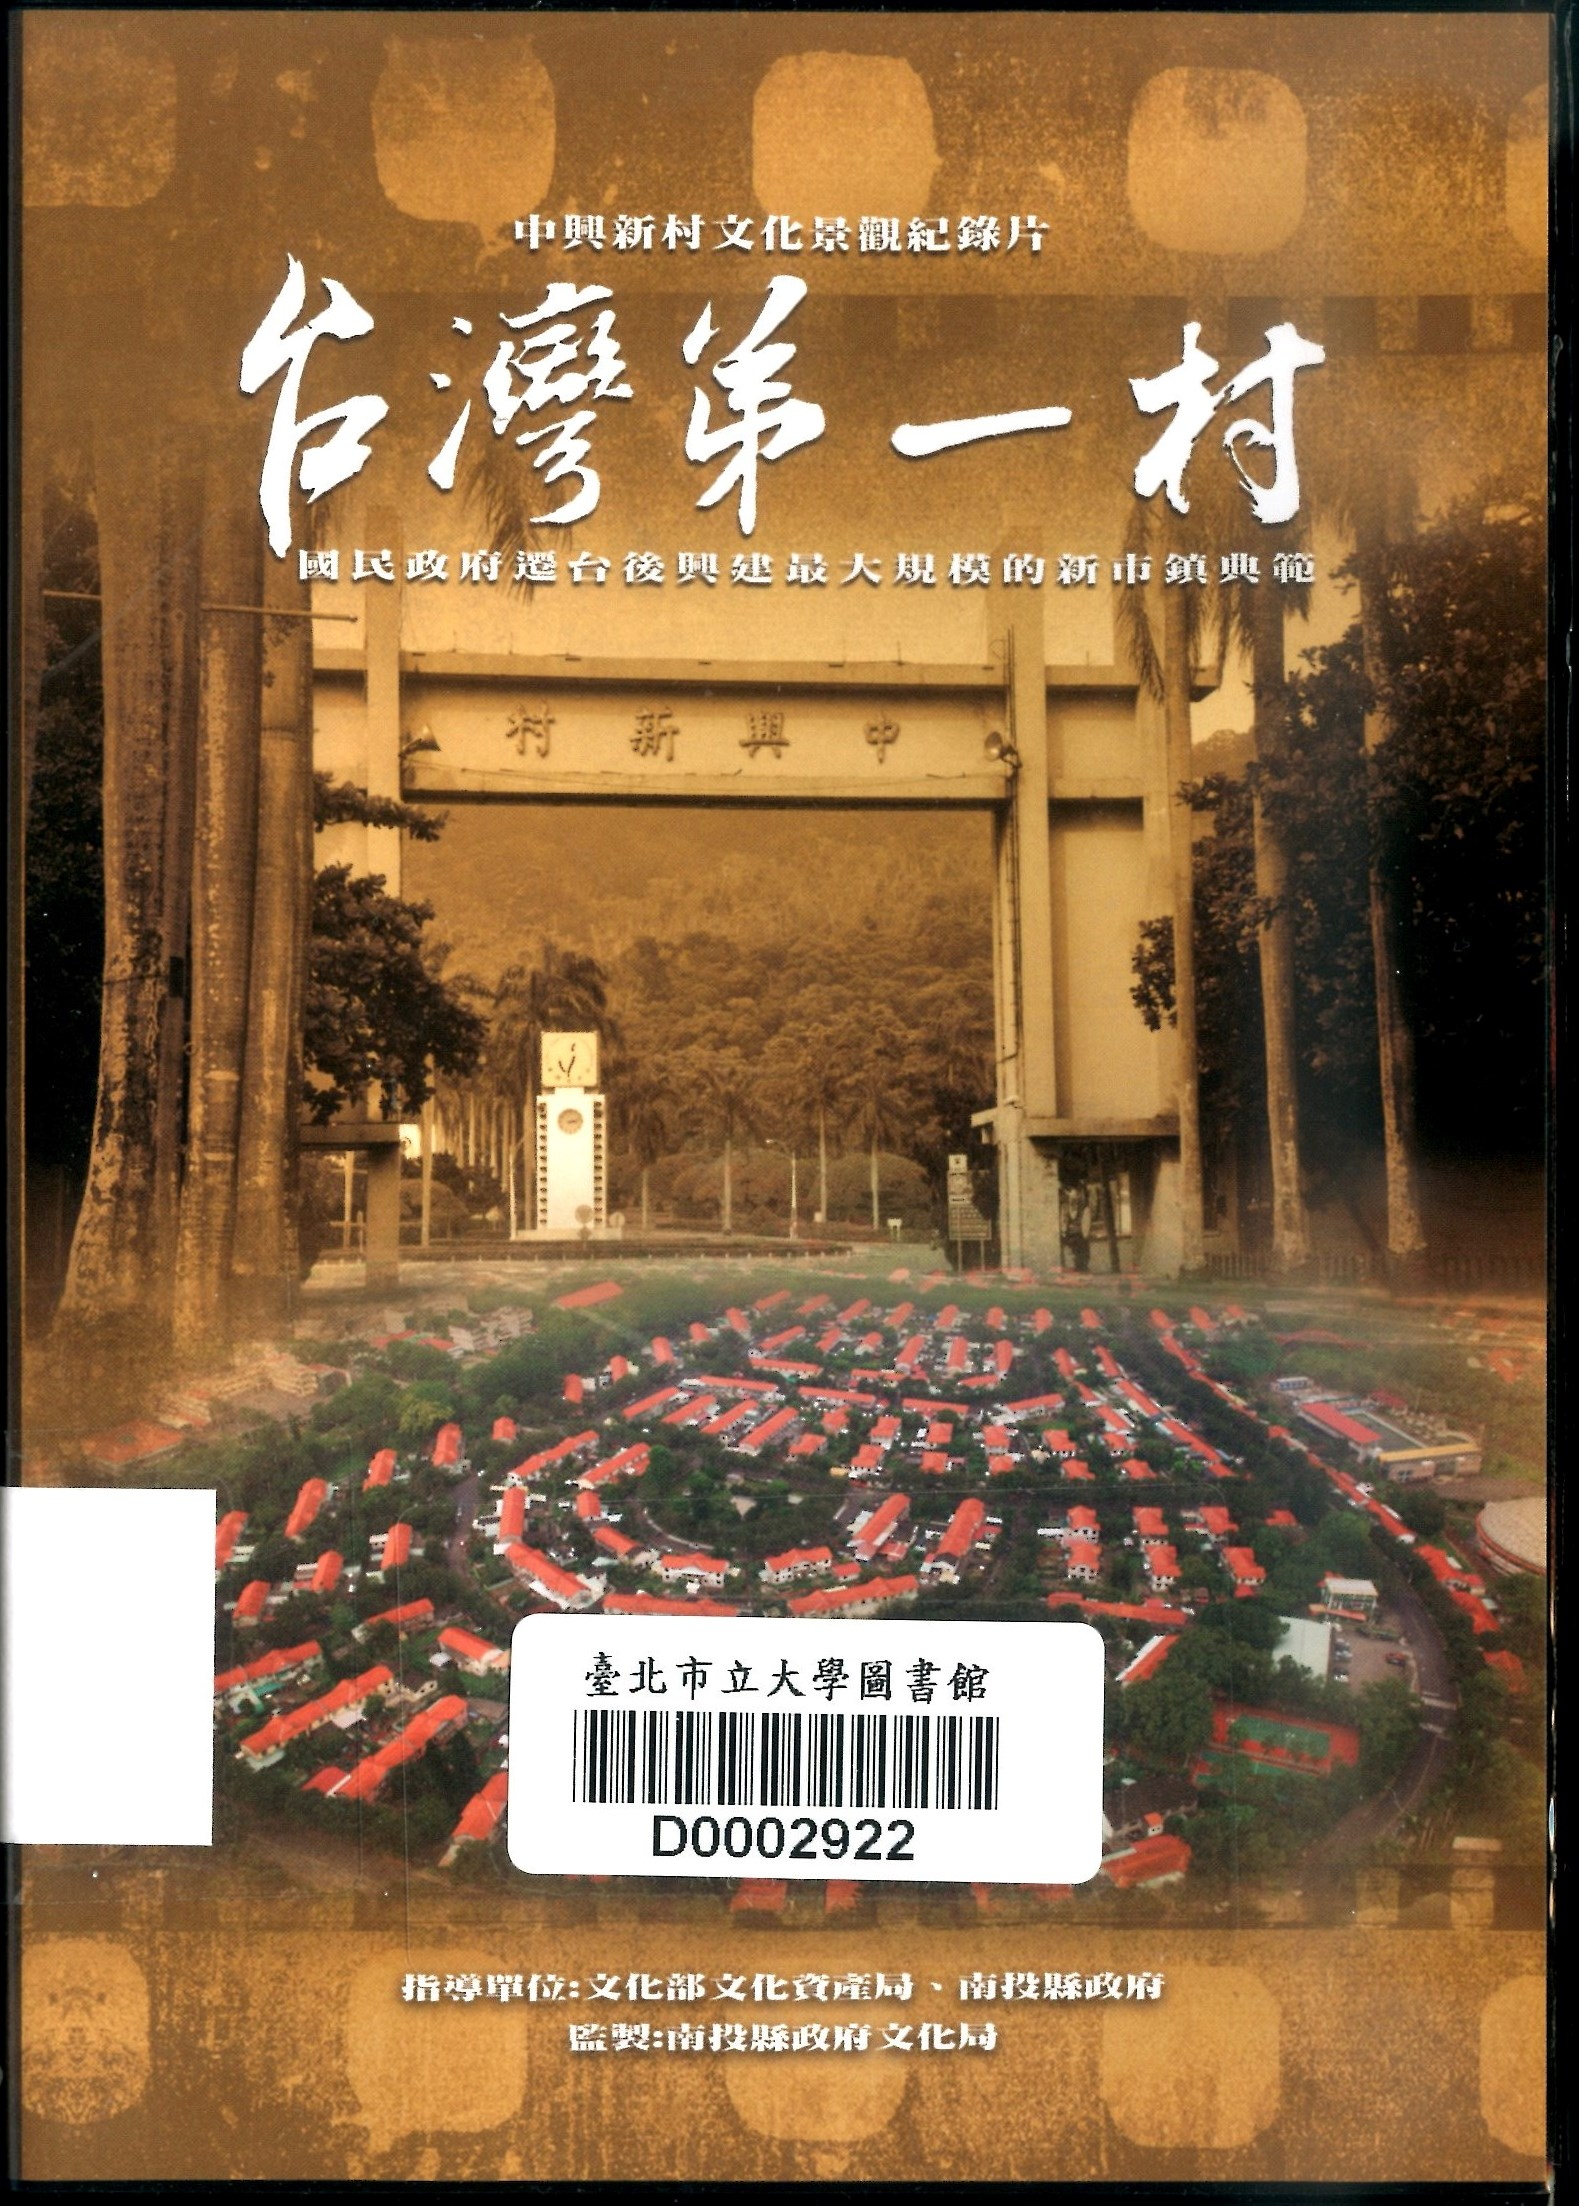 台灣第一村 :  國民政府遷台後興建最大規模的新市鎮典範 /